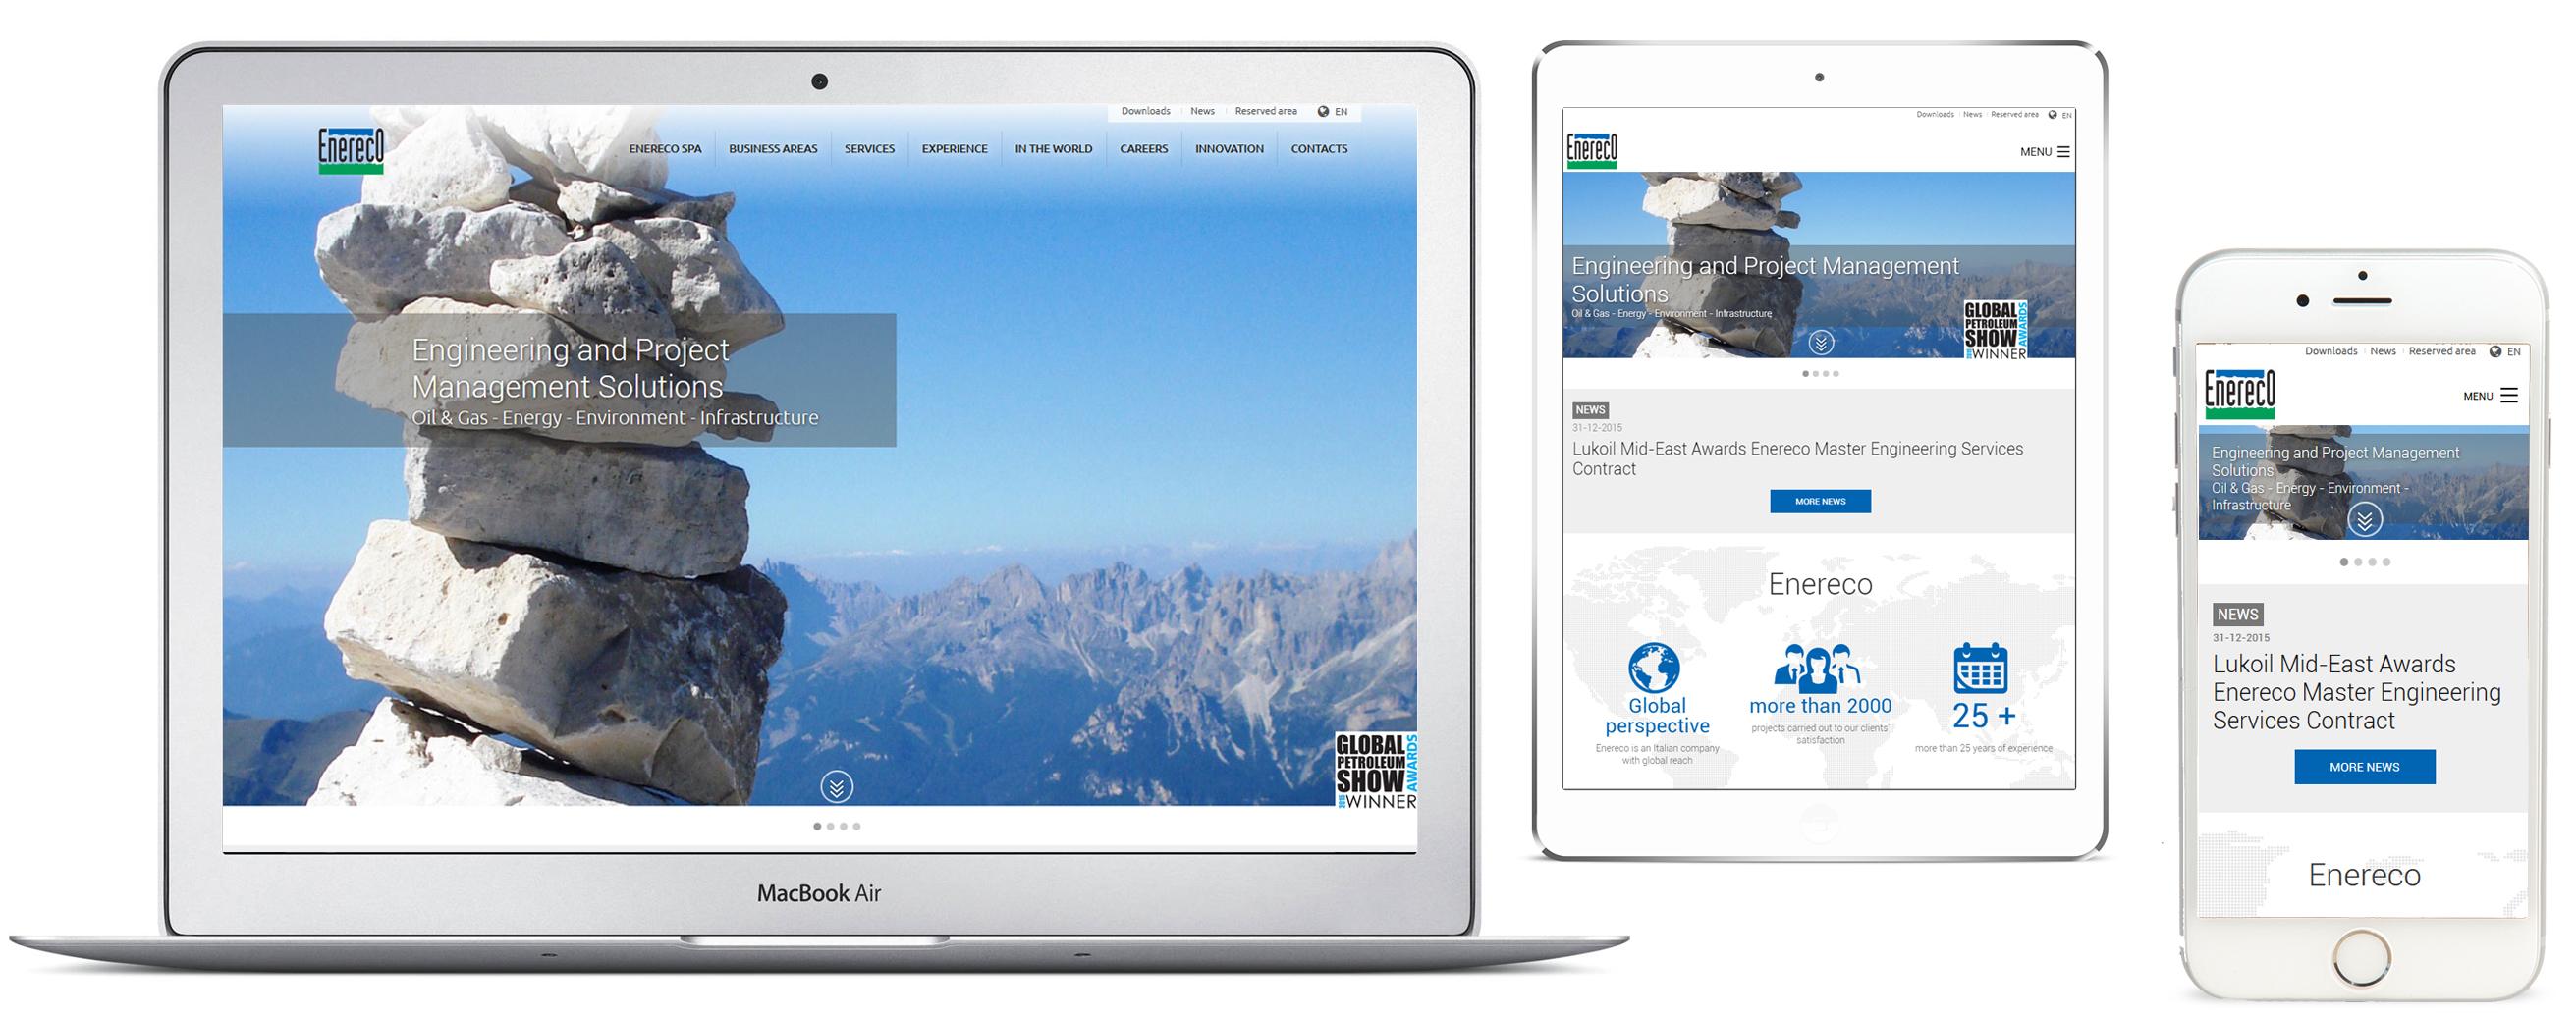 Responsive web design - Enereco